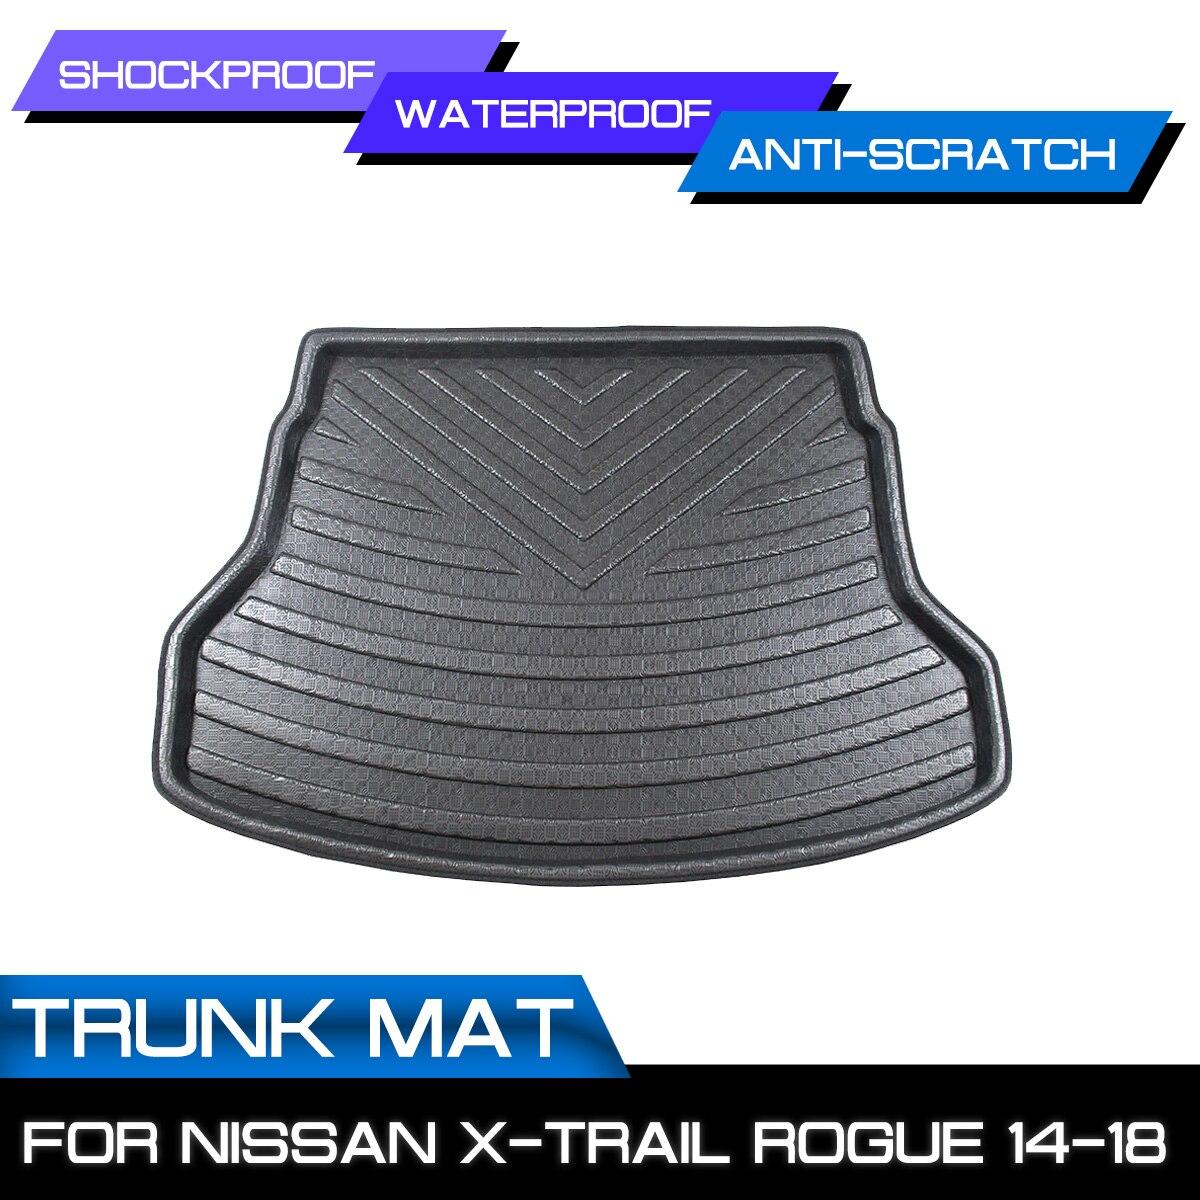 سجادة سيارة خلفية جذع مكافحة الطين غطاء الكلمة حصيرة لنيسان X-Trail روج 2014 2015 2016 2017 2018